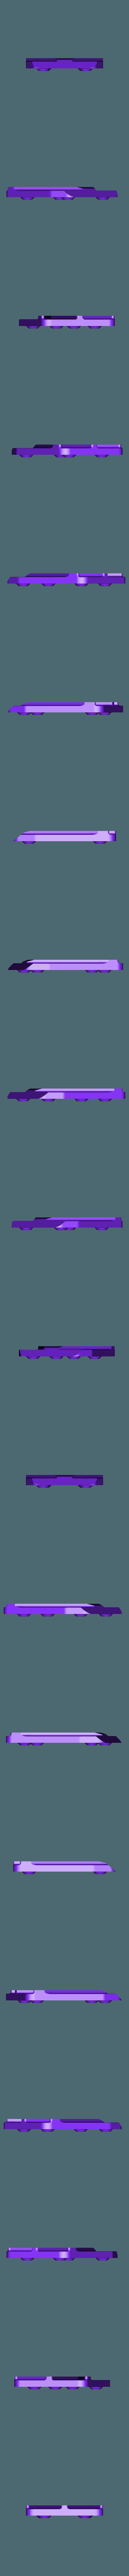 REAR_SKID_BSR_BERSERKER.stl Télécharger fichier STL gratuit PATINS BERSERKER BSR (MILIEU ET ARRIÈRE) • Plan imprimable en 3D, peterbroeders